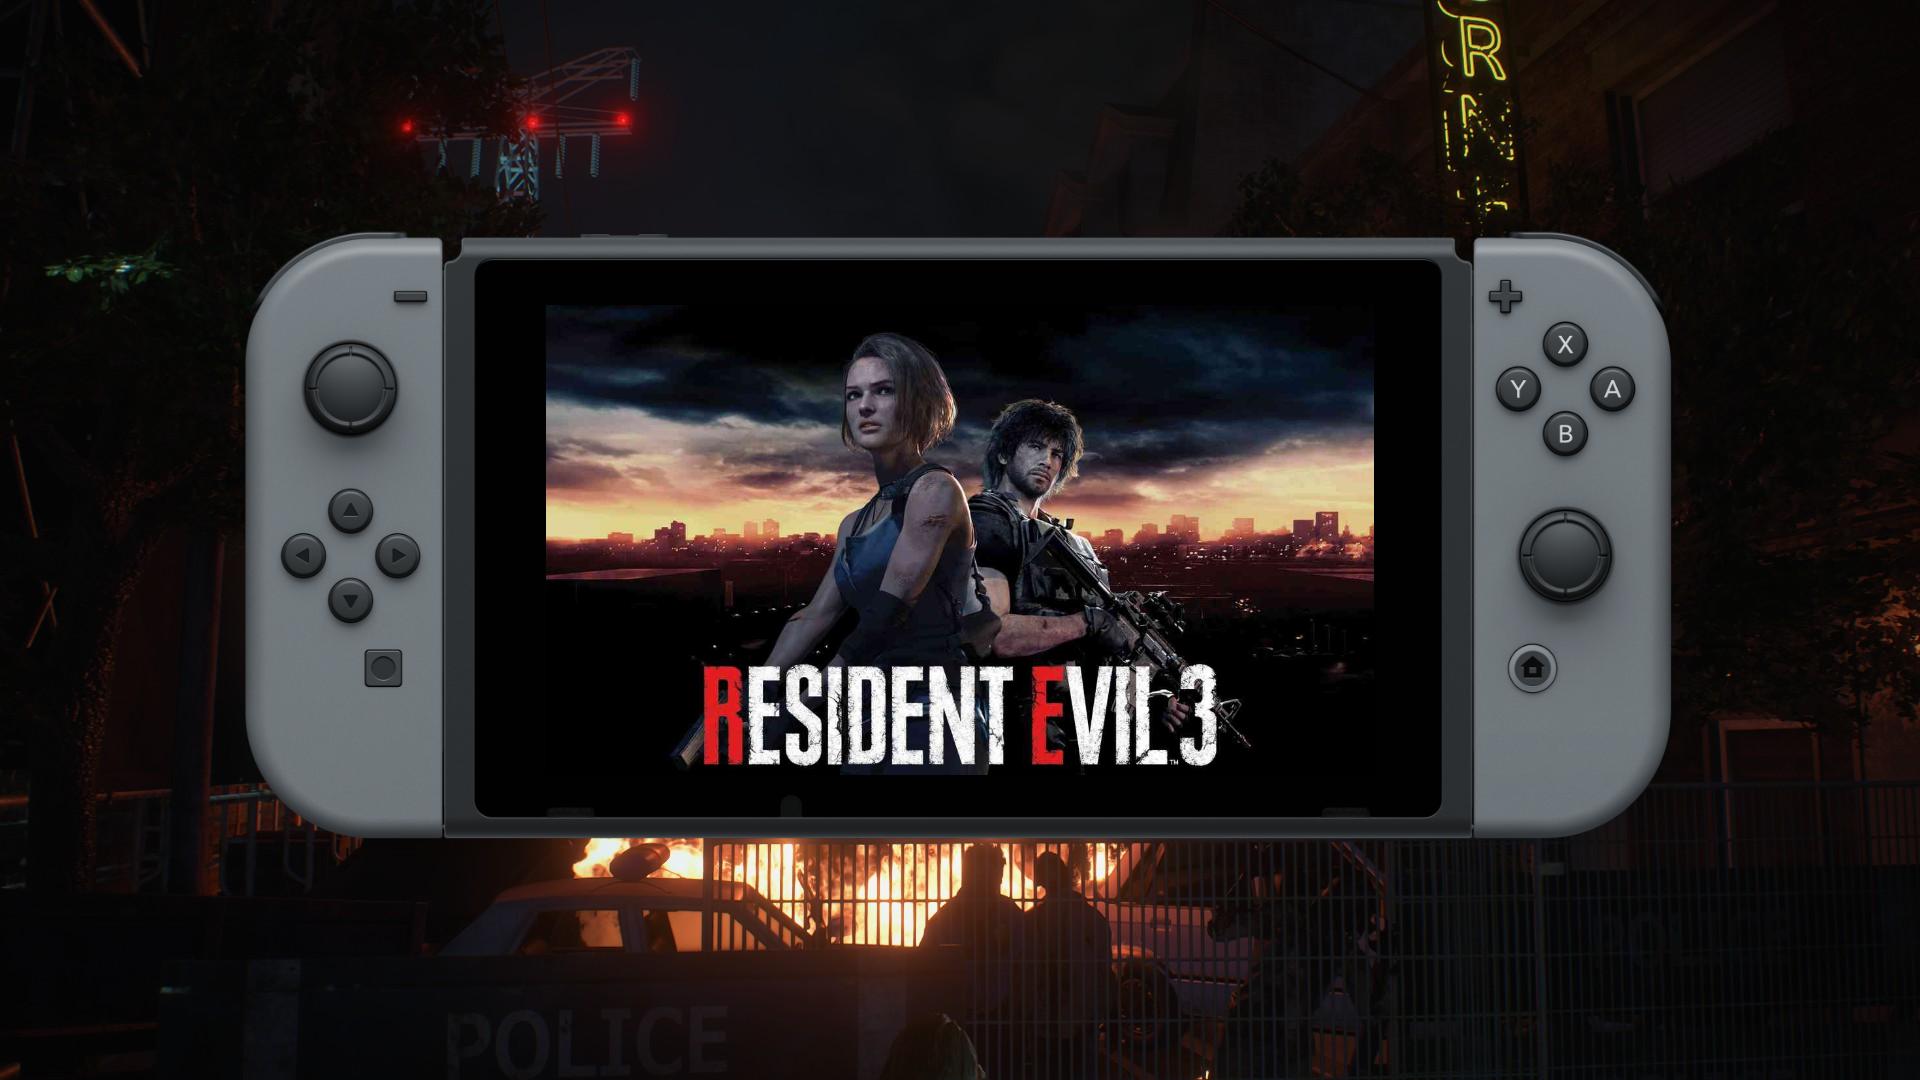 Le remake de Resident Evil 3 bientôt sur Nintendo Switch?